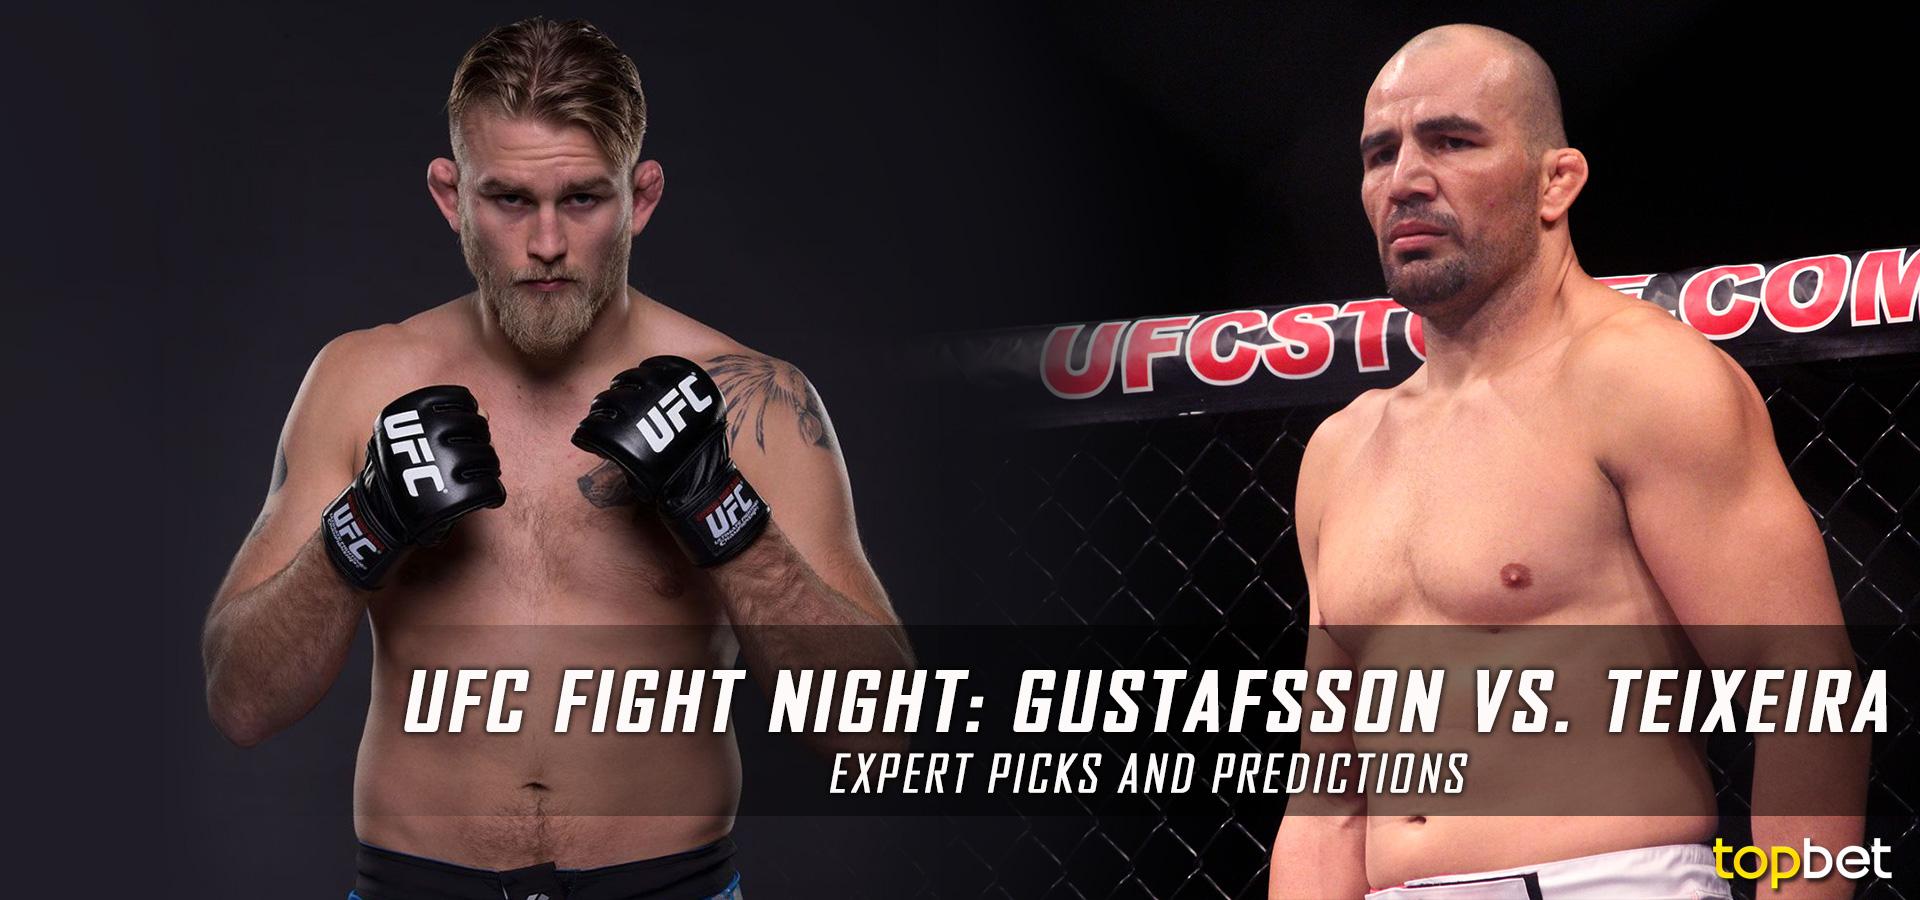 ufc fight night 109